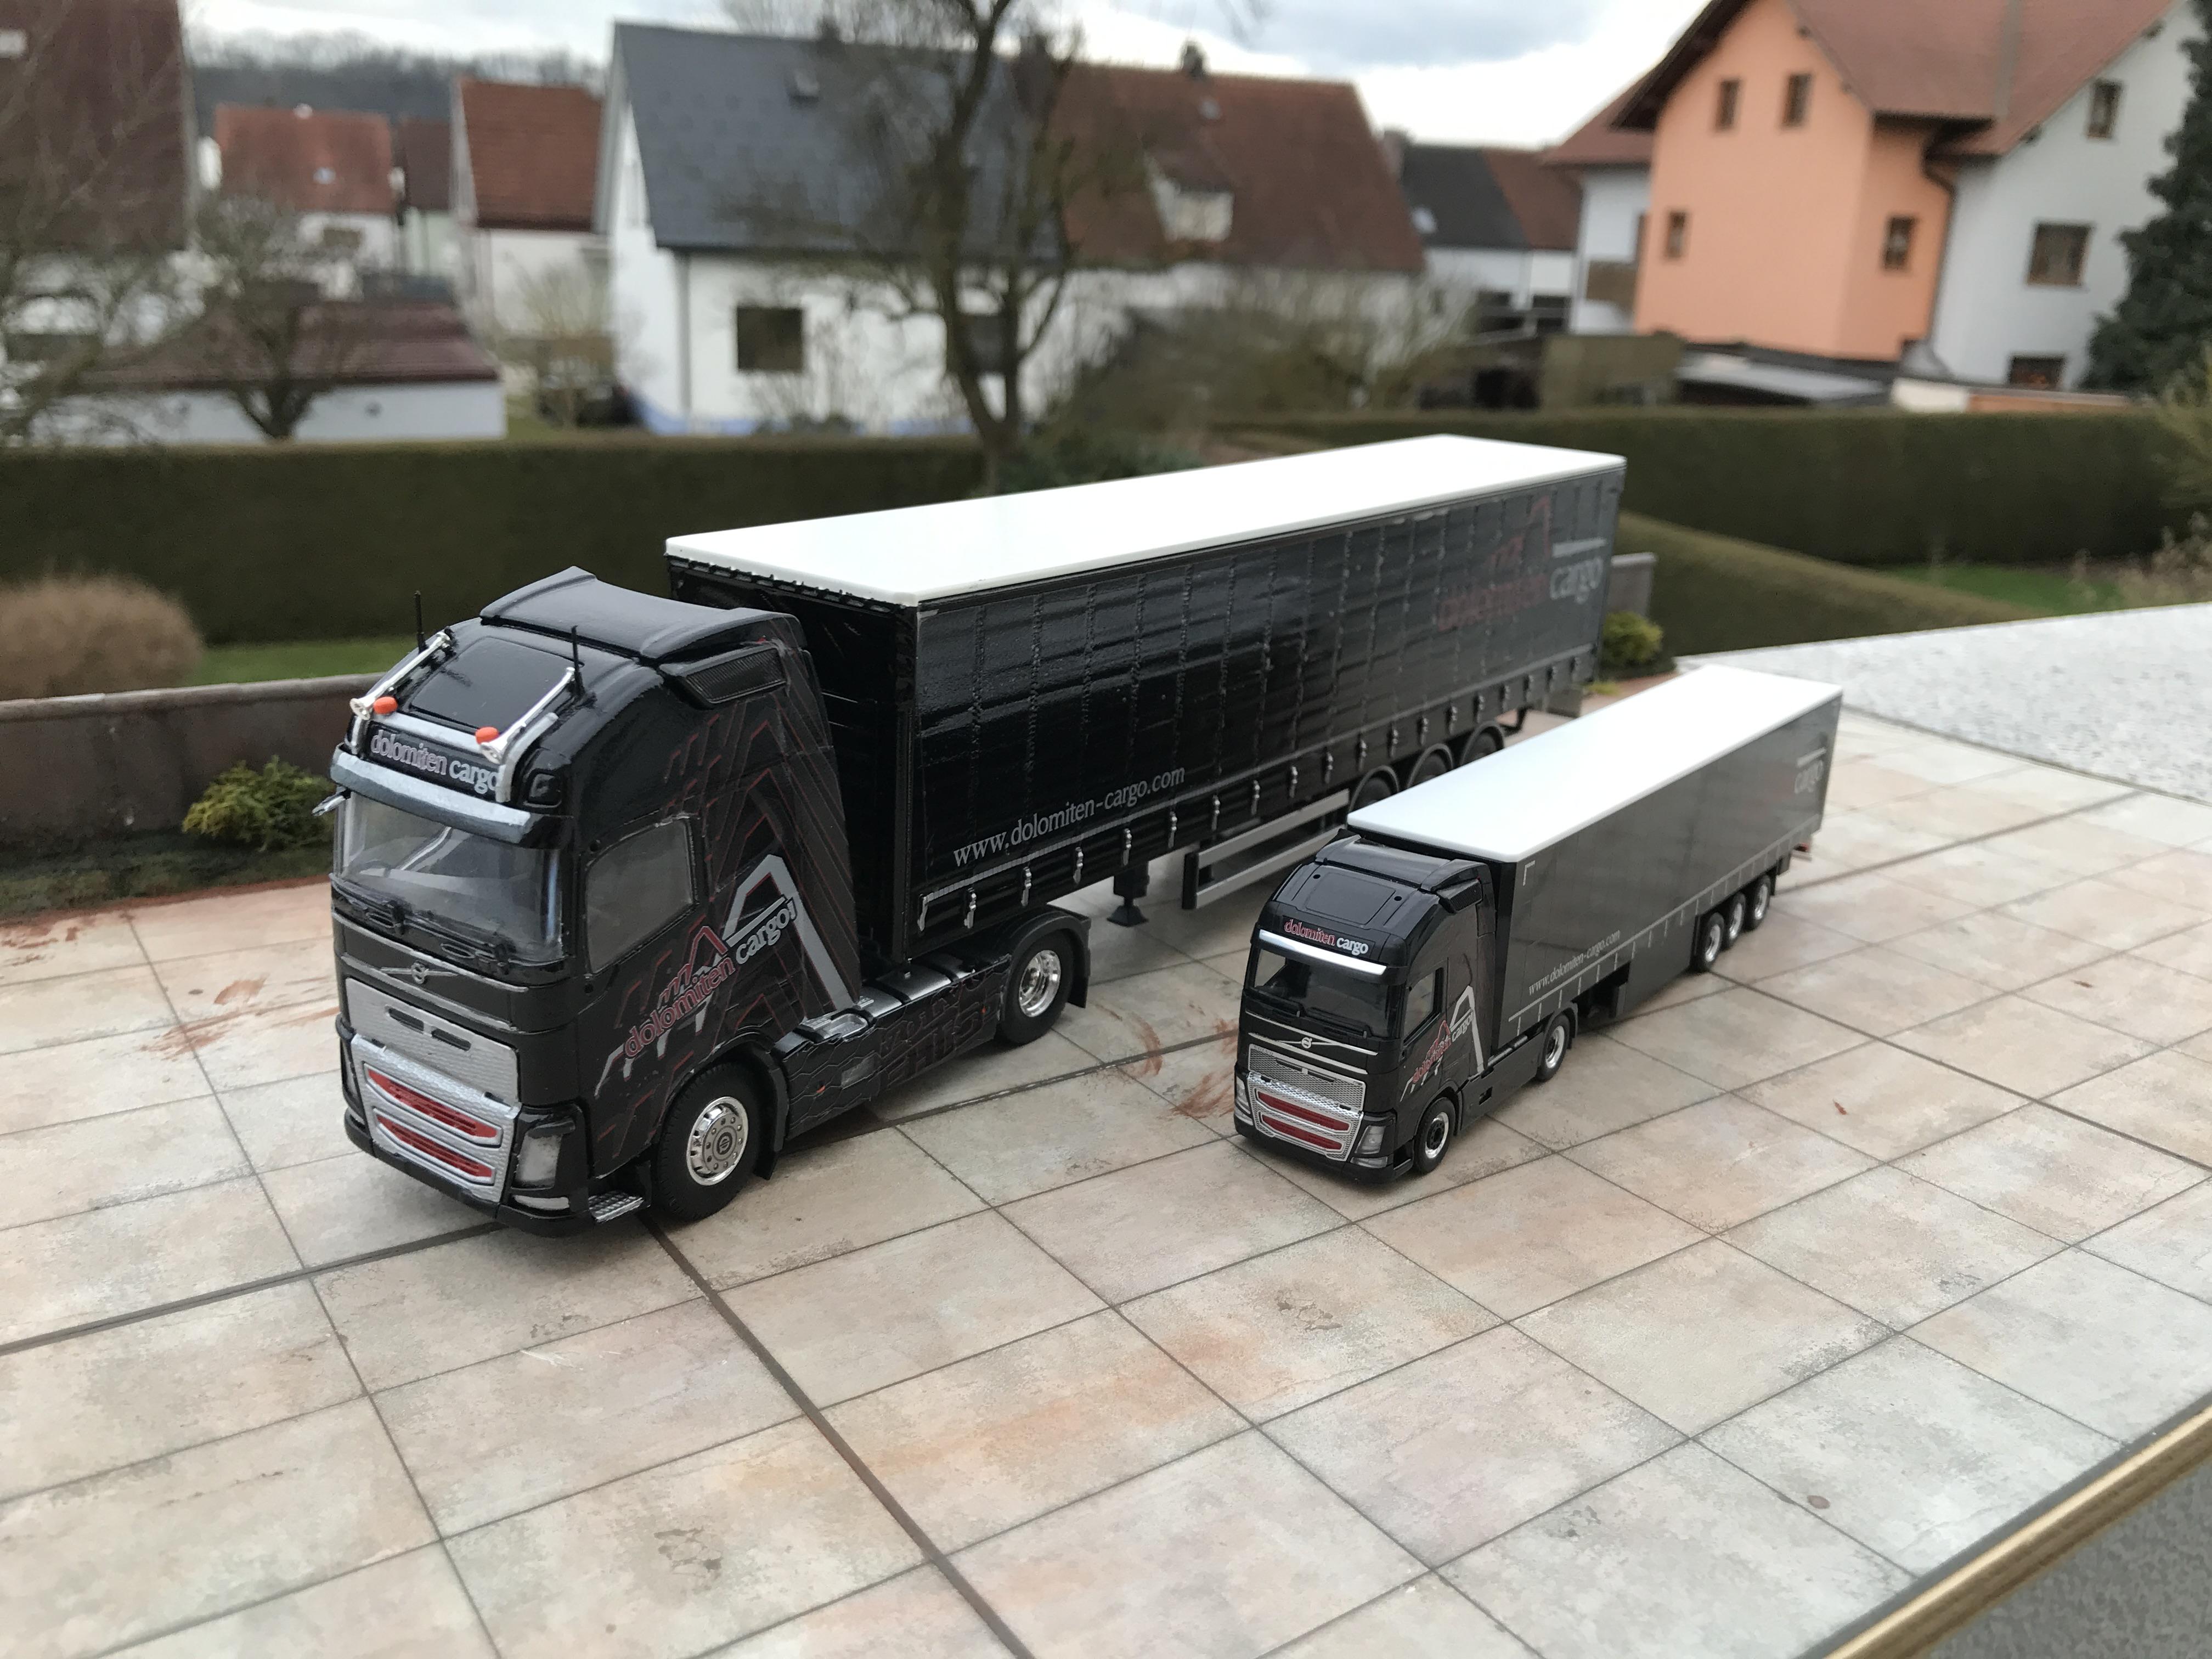 baubericht 1 50 dolomiten cargo modell lkw modelle und. Black Bedroom Furniture Sets. Home Design Ideas